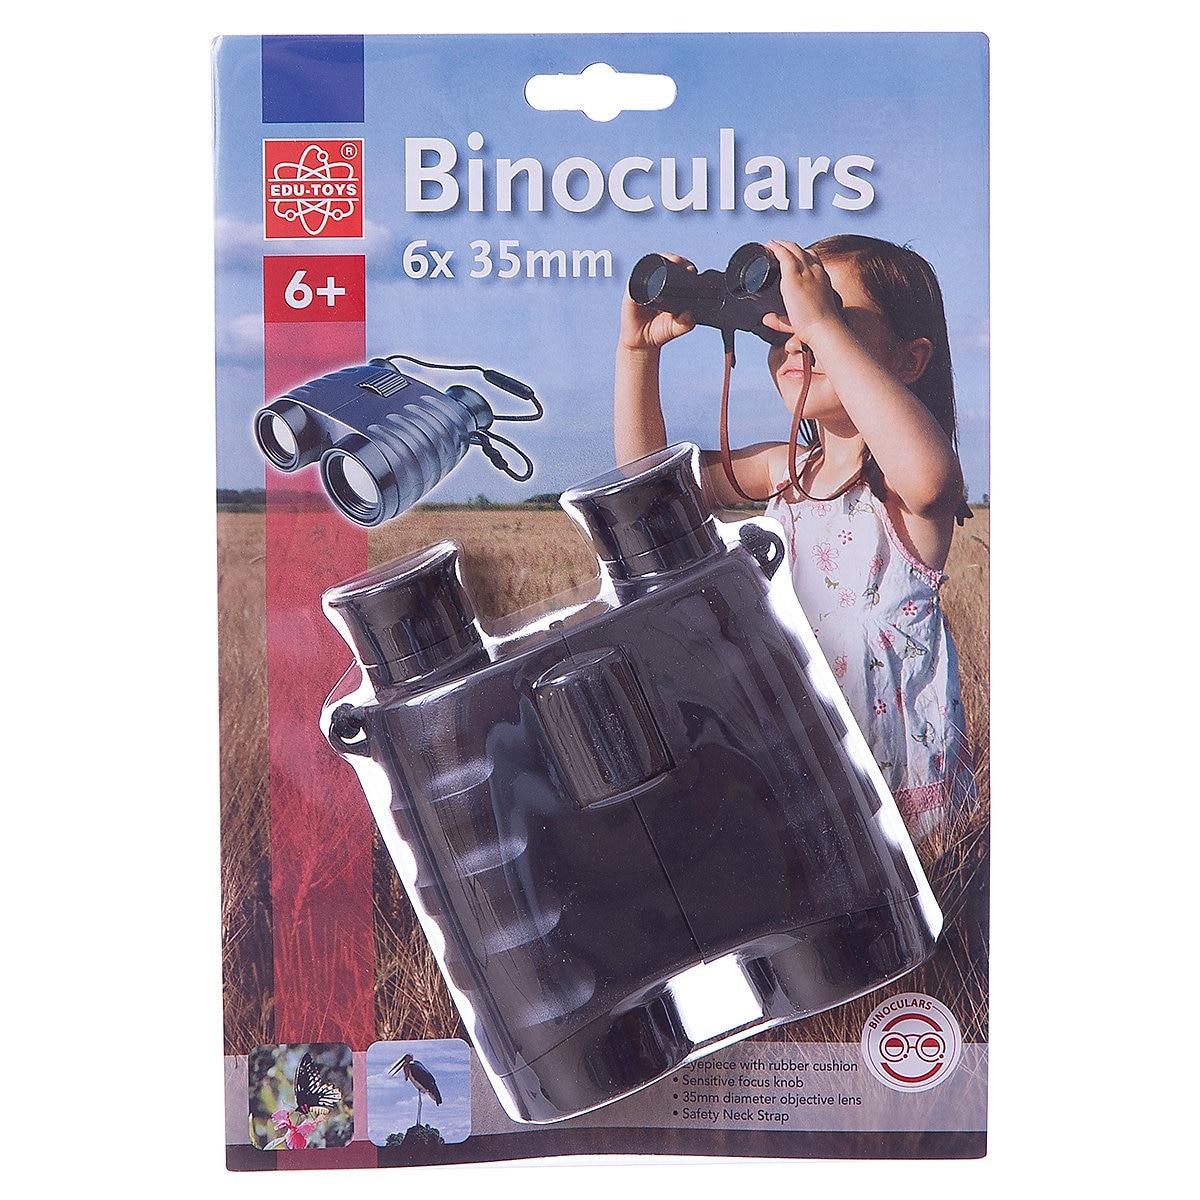 EDU-TOYS ciencia 4013704 experiencias para niños juguetes de tecnología play girl boy plasticine mano goma aprendizaje educación MTpromo